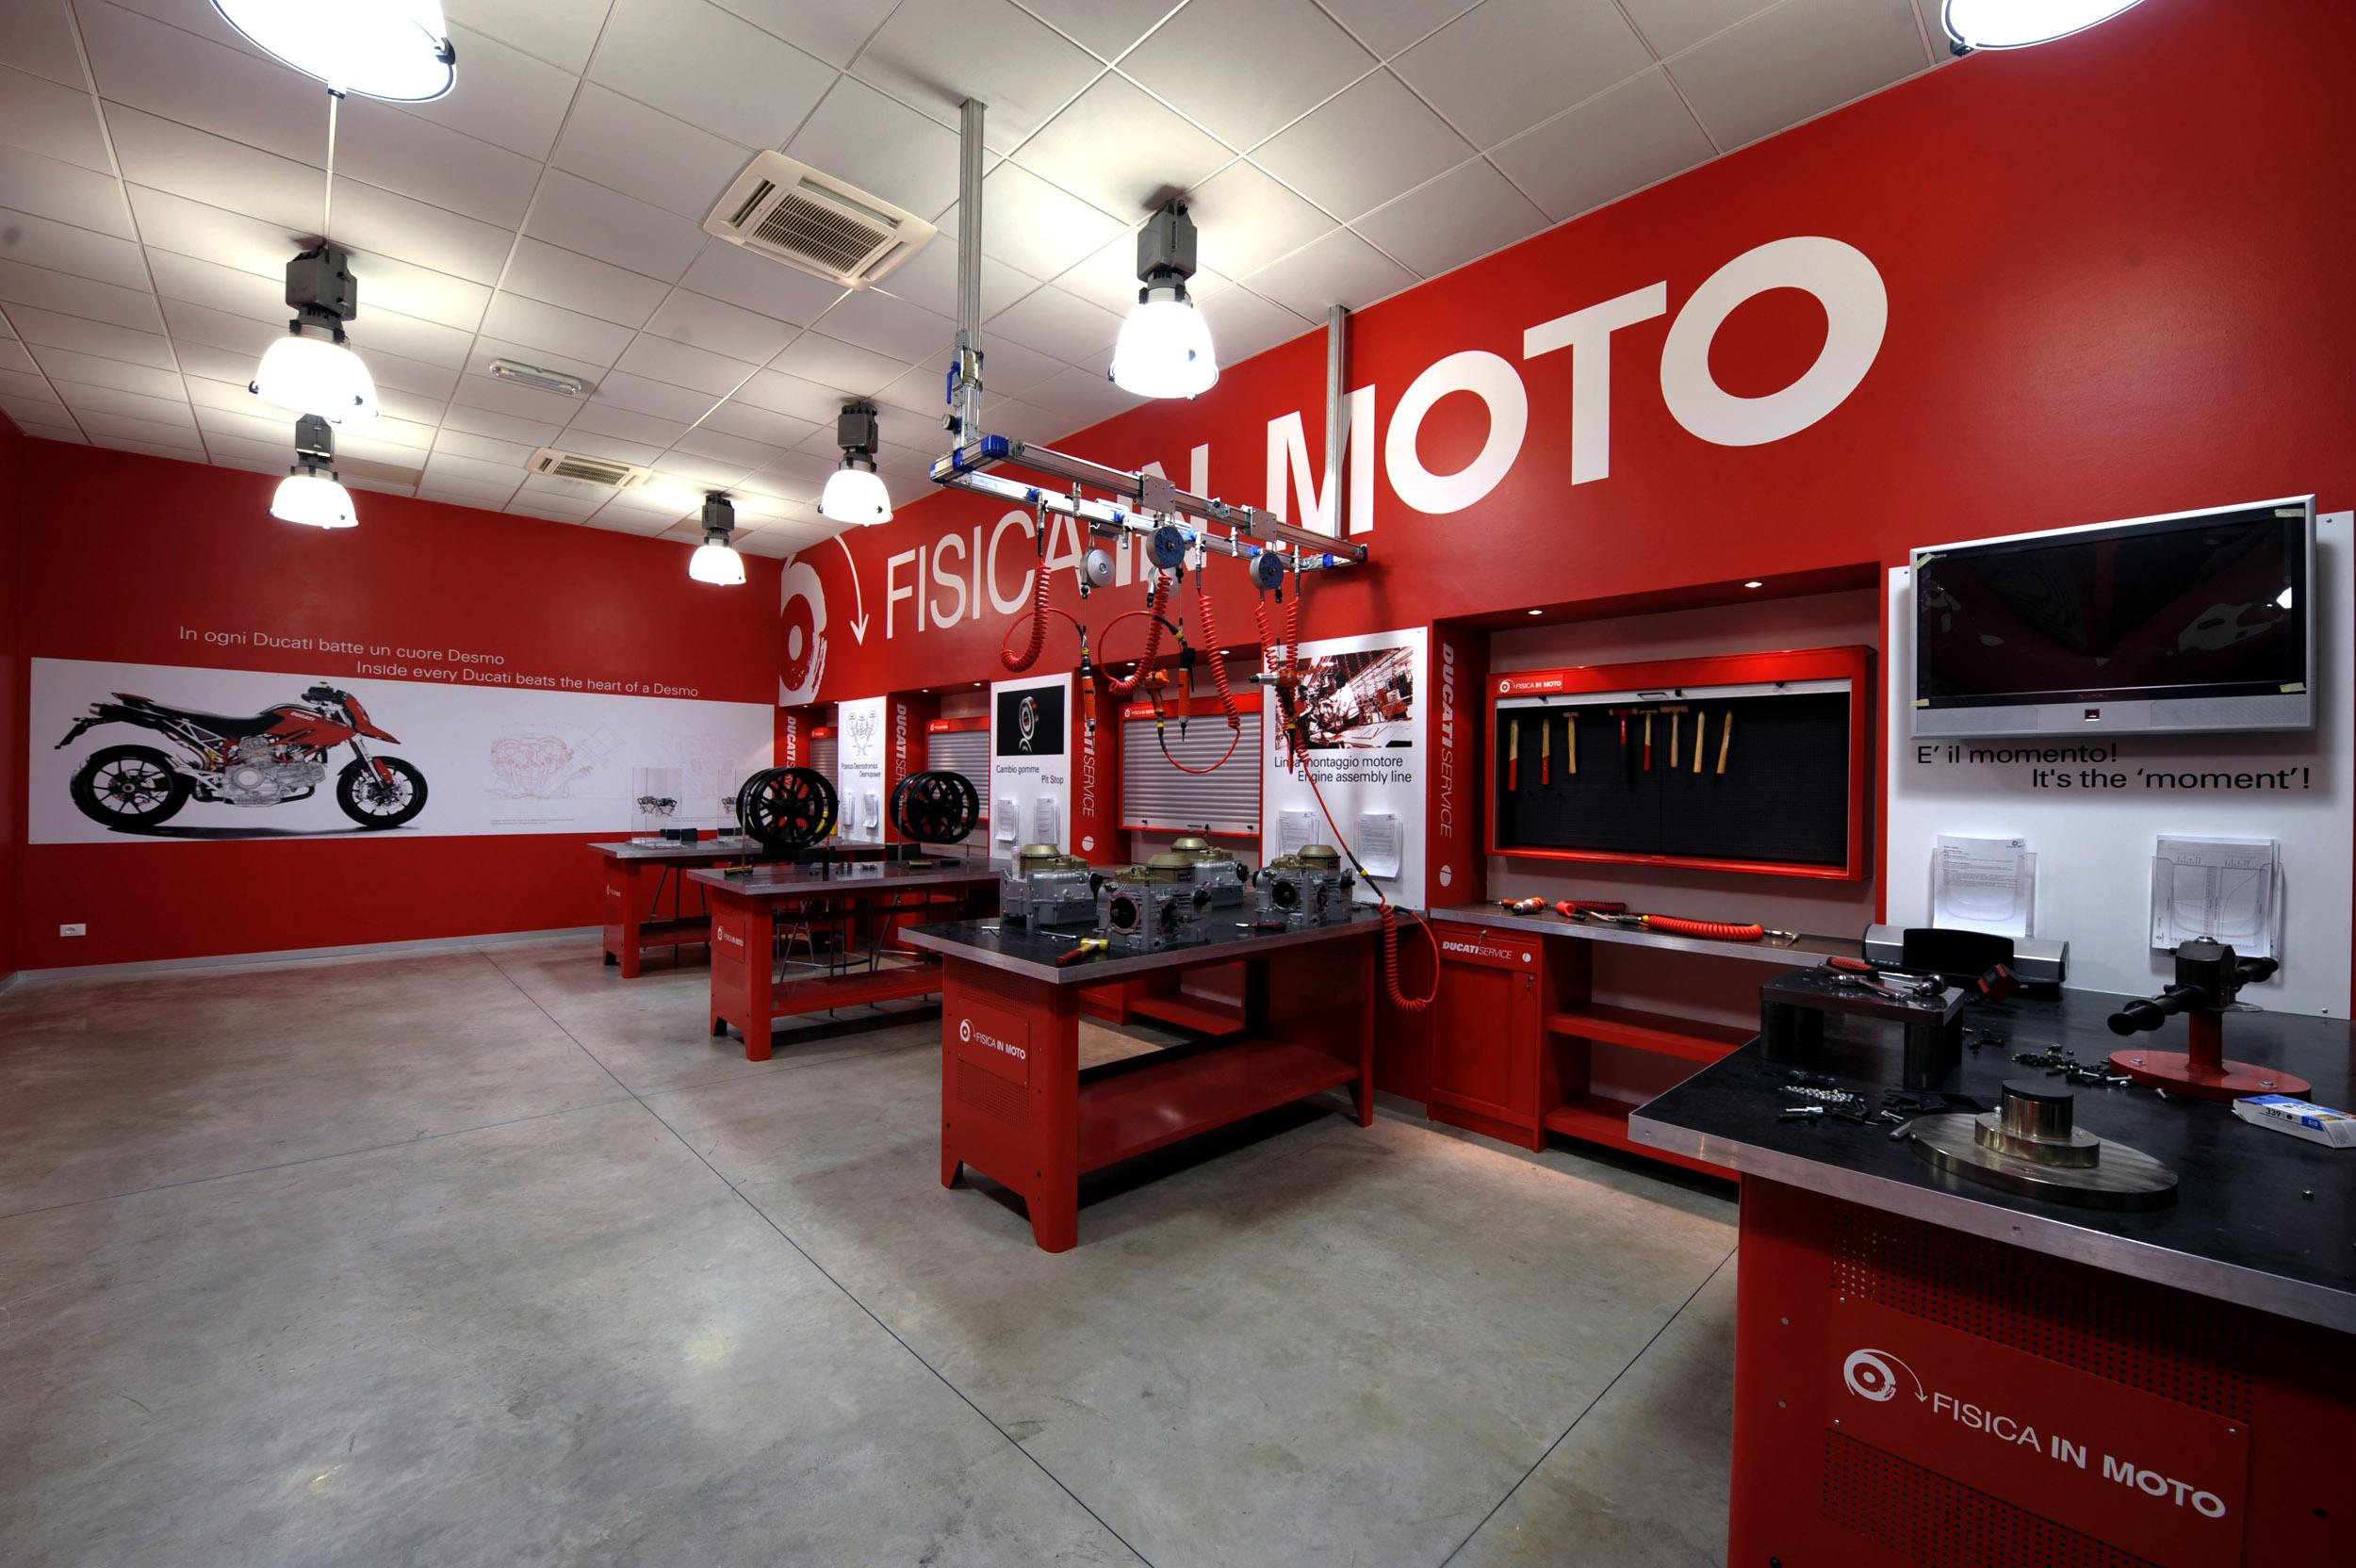 200630 Fisica in Moto laboratory (3)